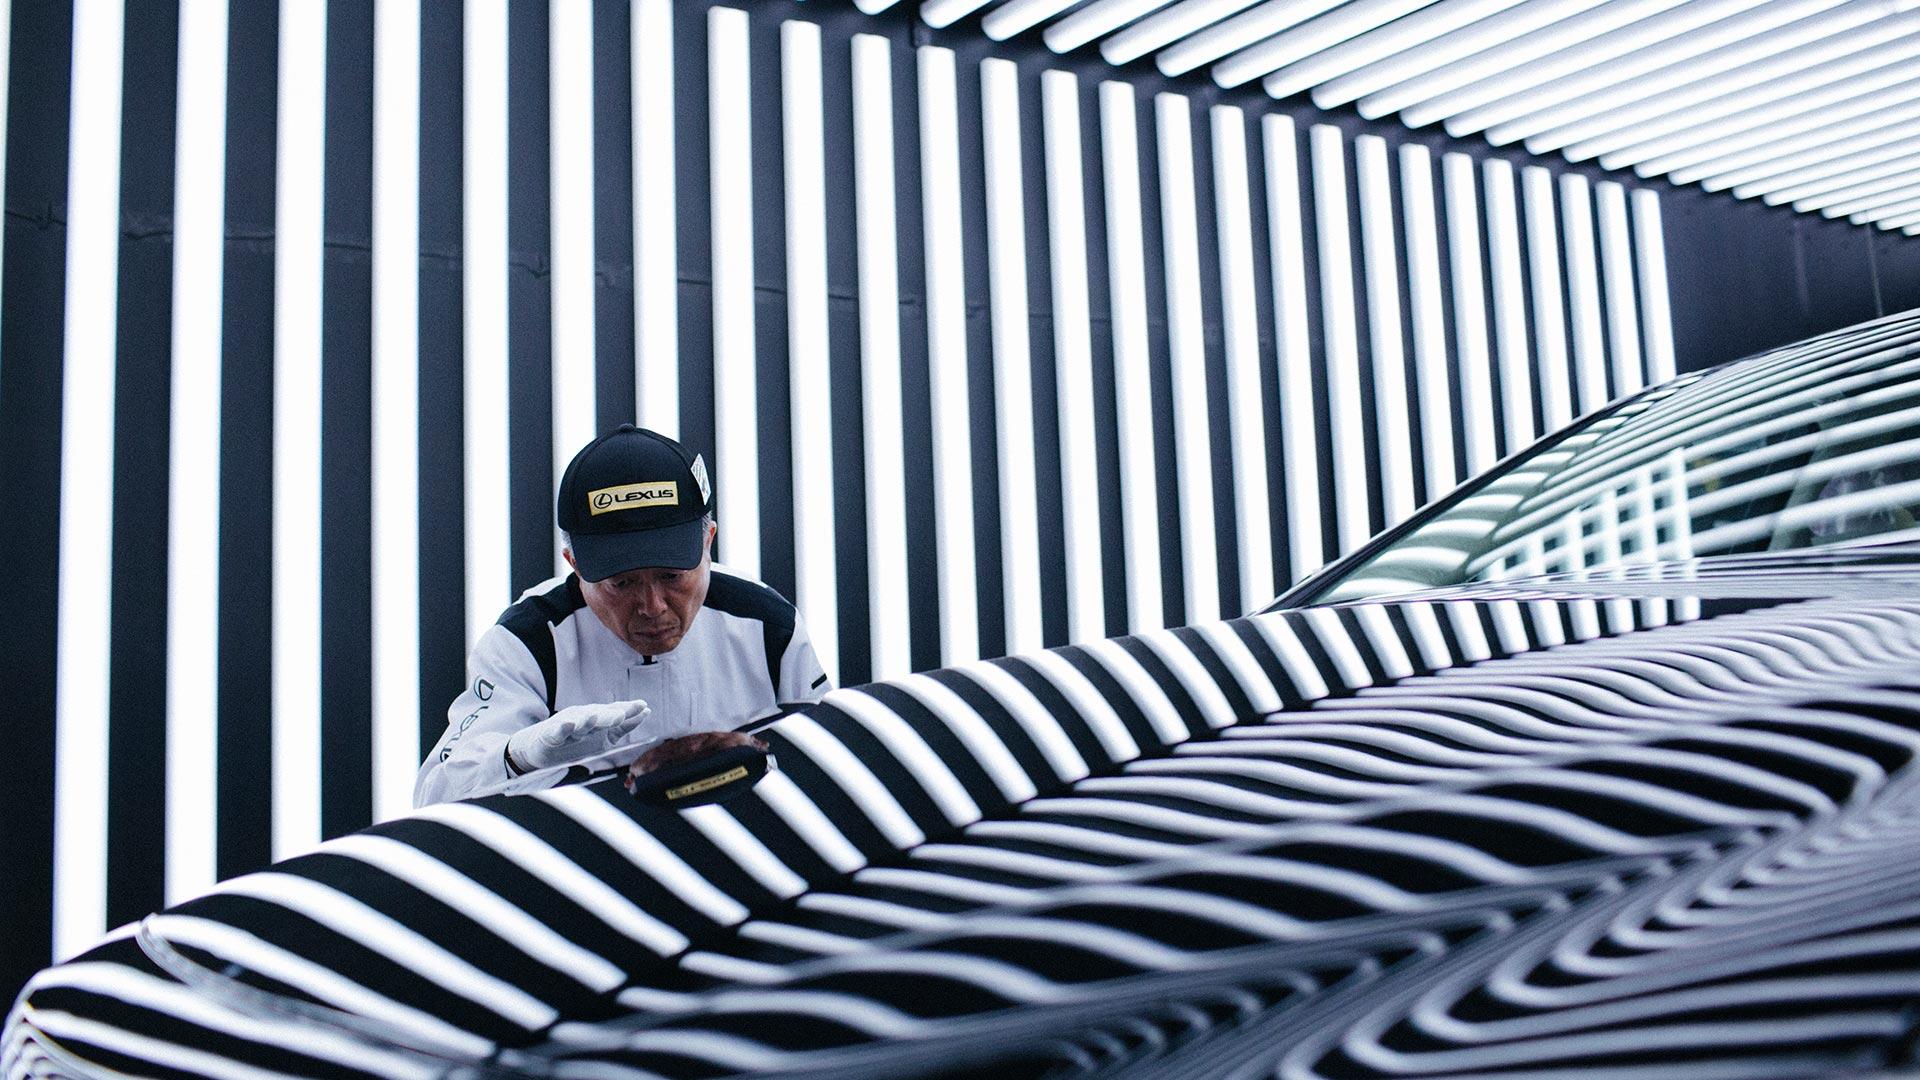 Lexus Technik Lexikon